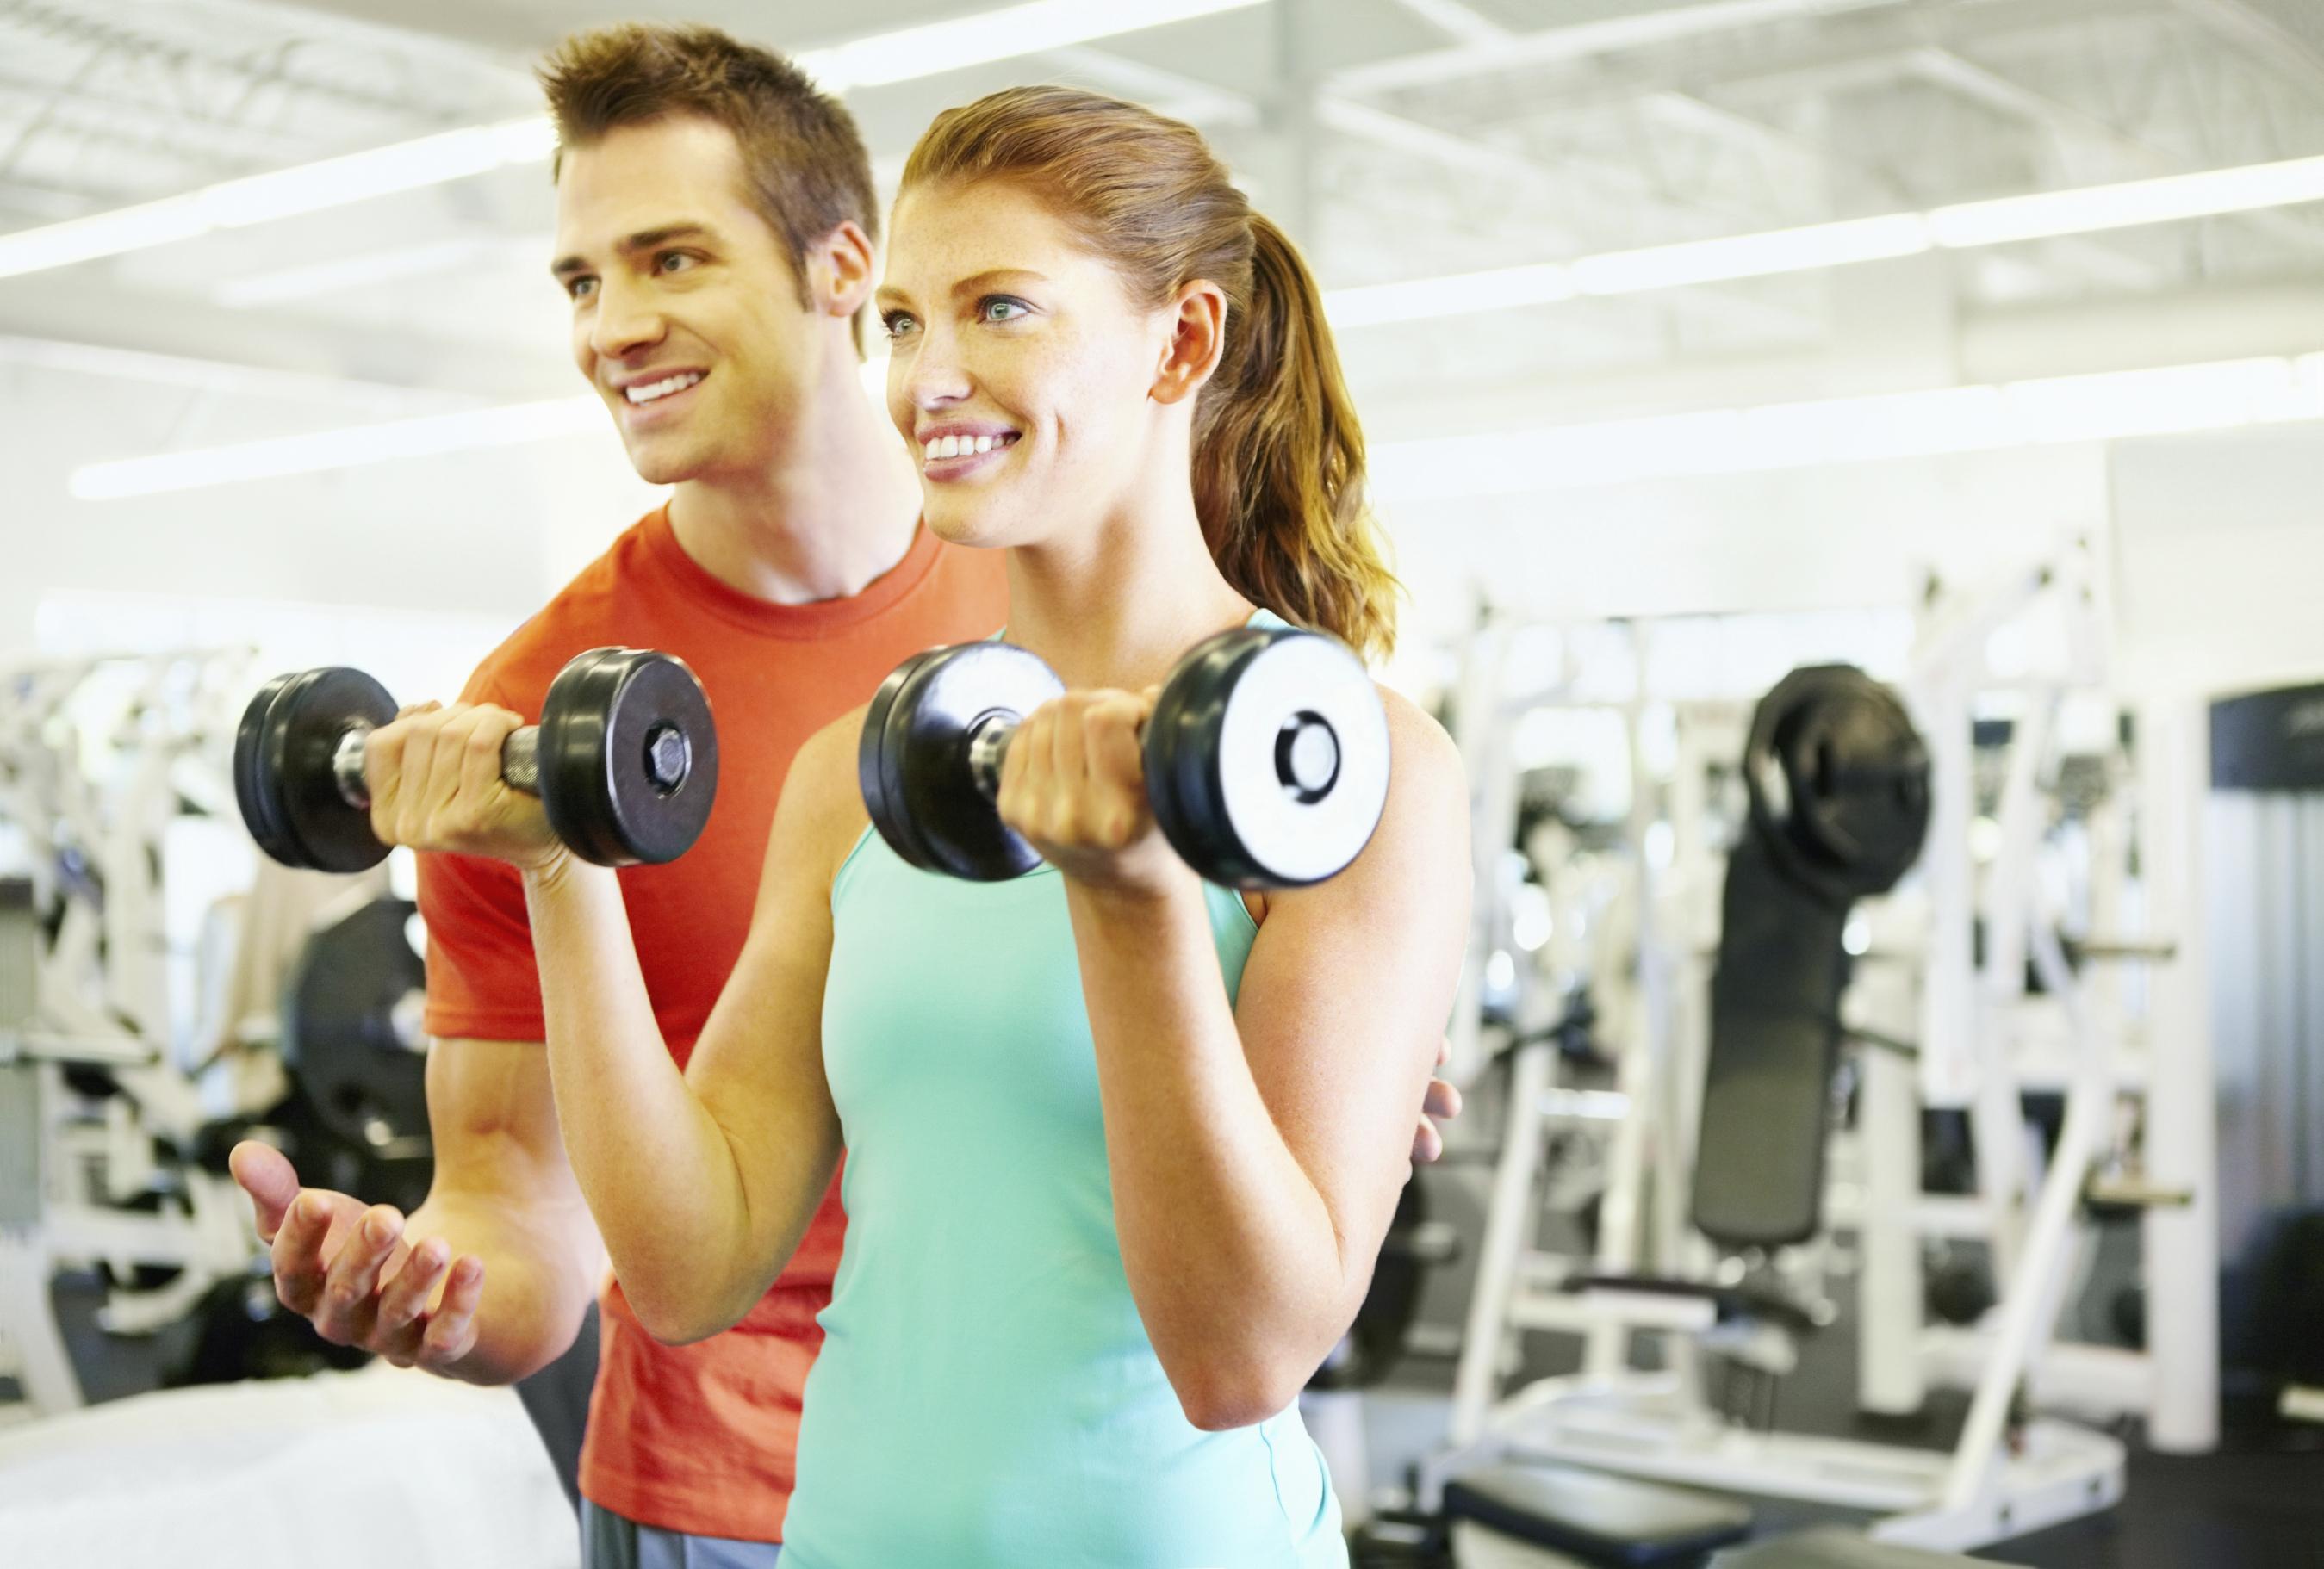 Musculação para mulher: mitos e verdades